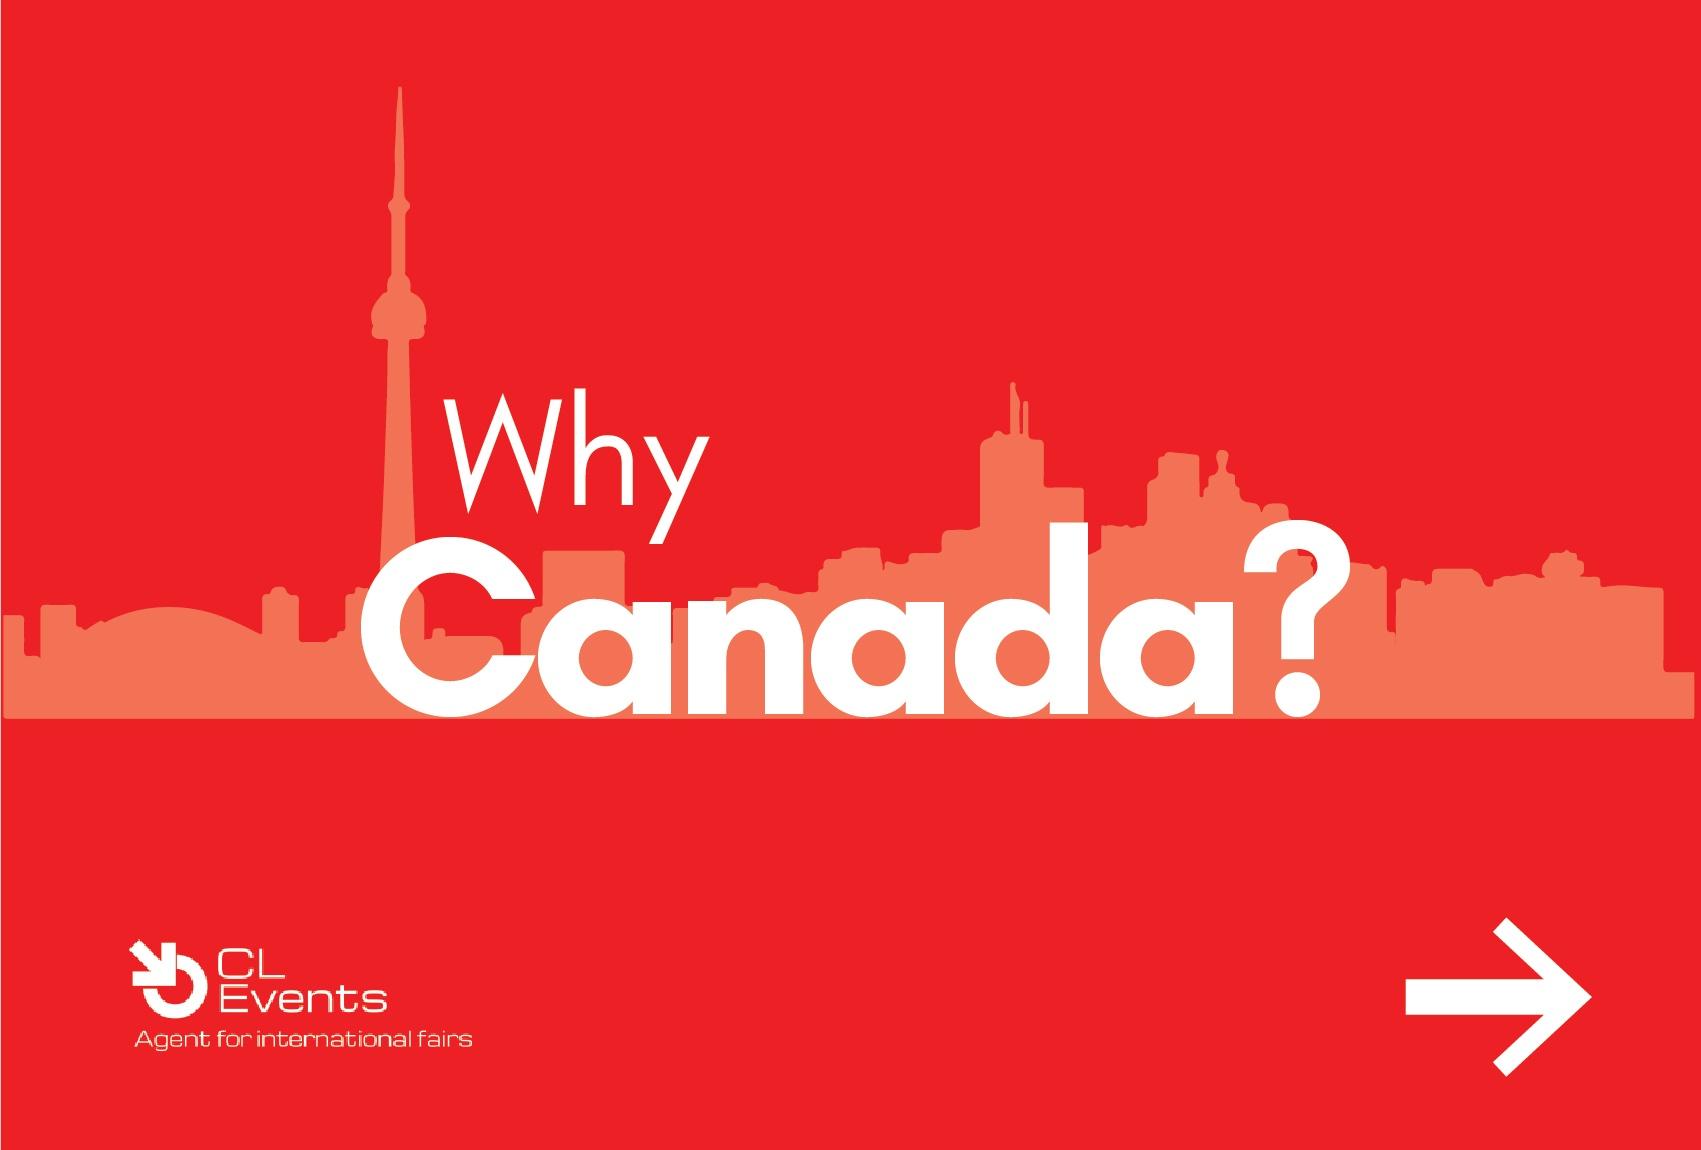 Esportare in Canada: guida per le aziende italiane dei settori arredo, design, illuminazione e lifestyle